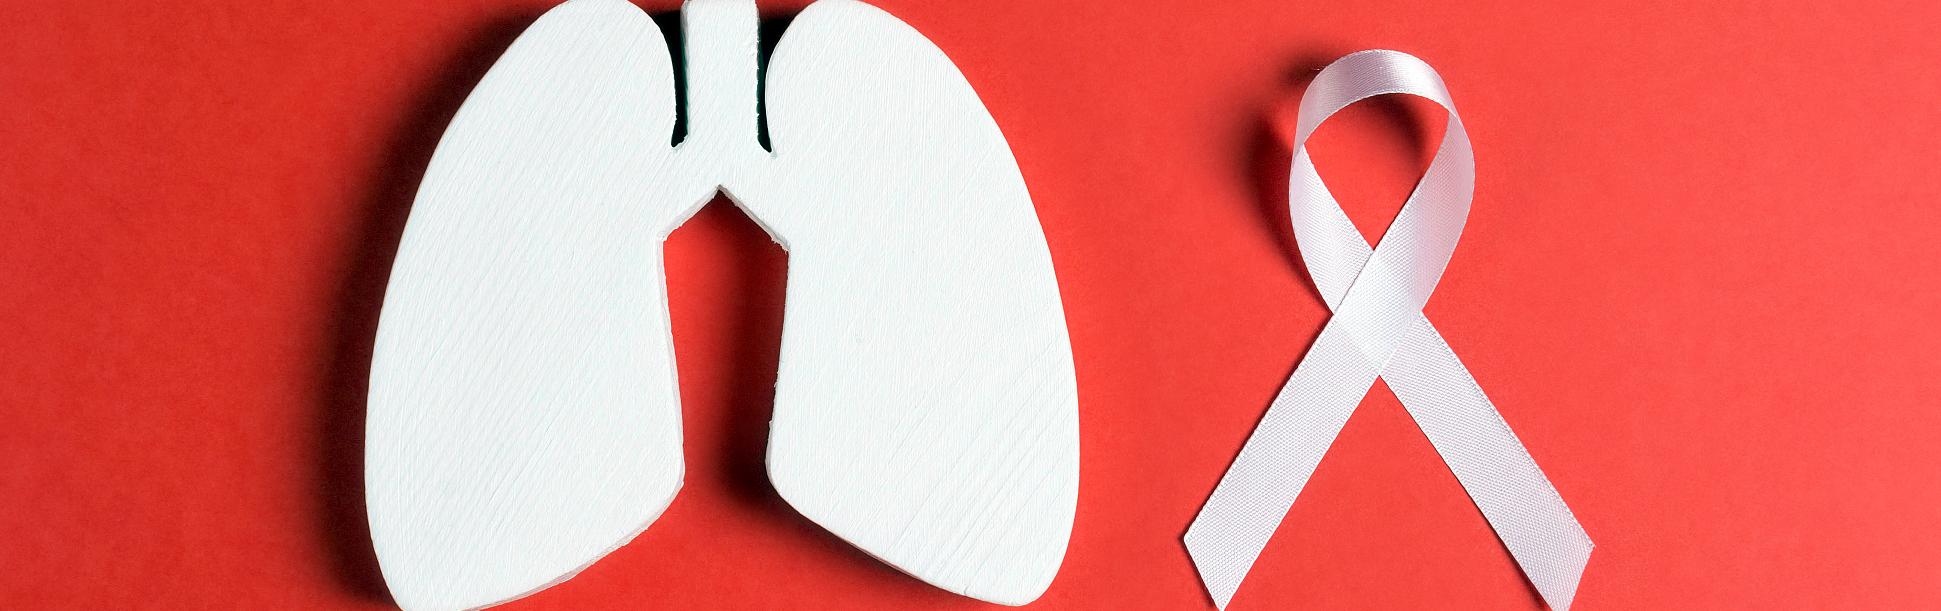 Dépistage et investigation du cancer pulmonaire - 21 juin 12h00 à 13h00